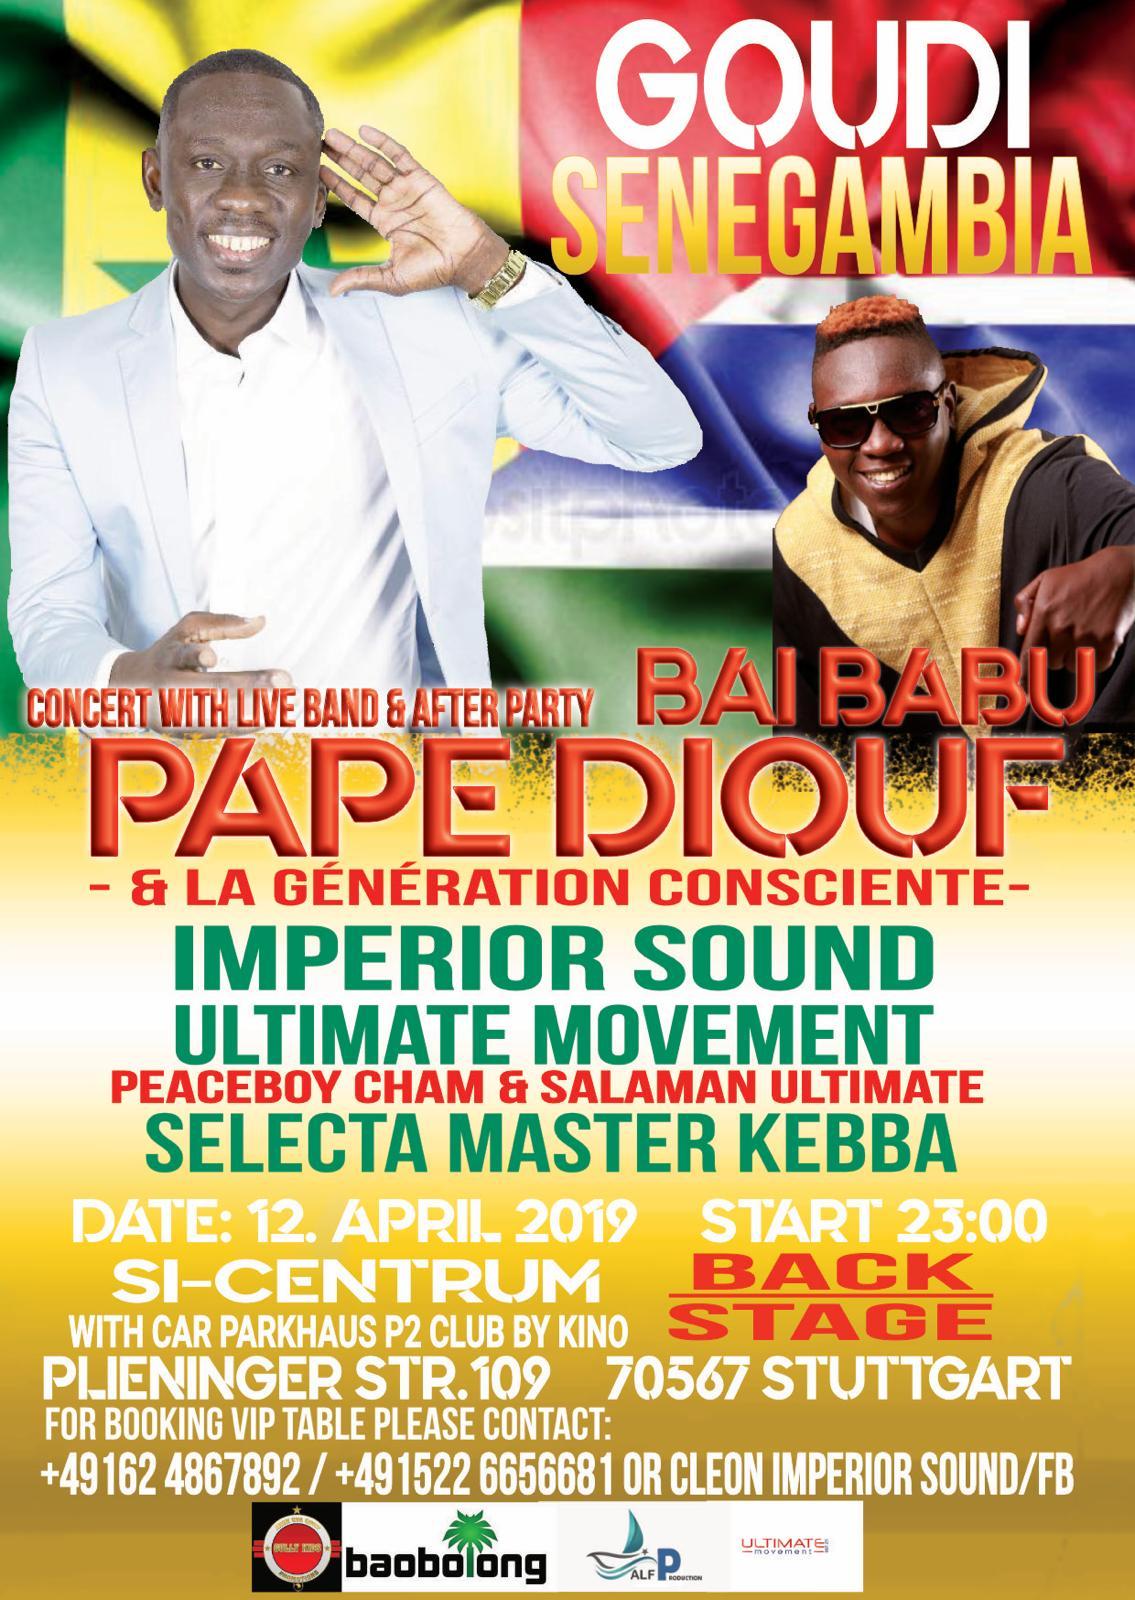 GOUDI SENEGAMBIA: Pape Diouf et Bai Babou à Stuttgart en Allemagne le 12 avril. Regardez